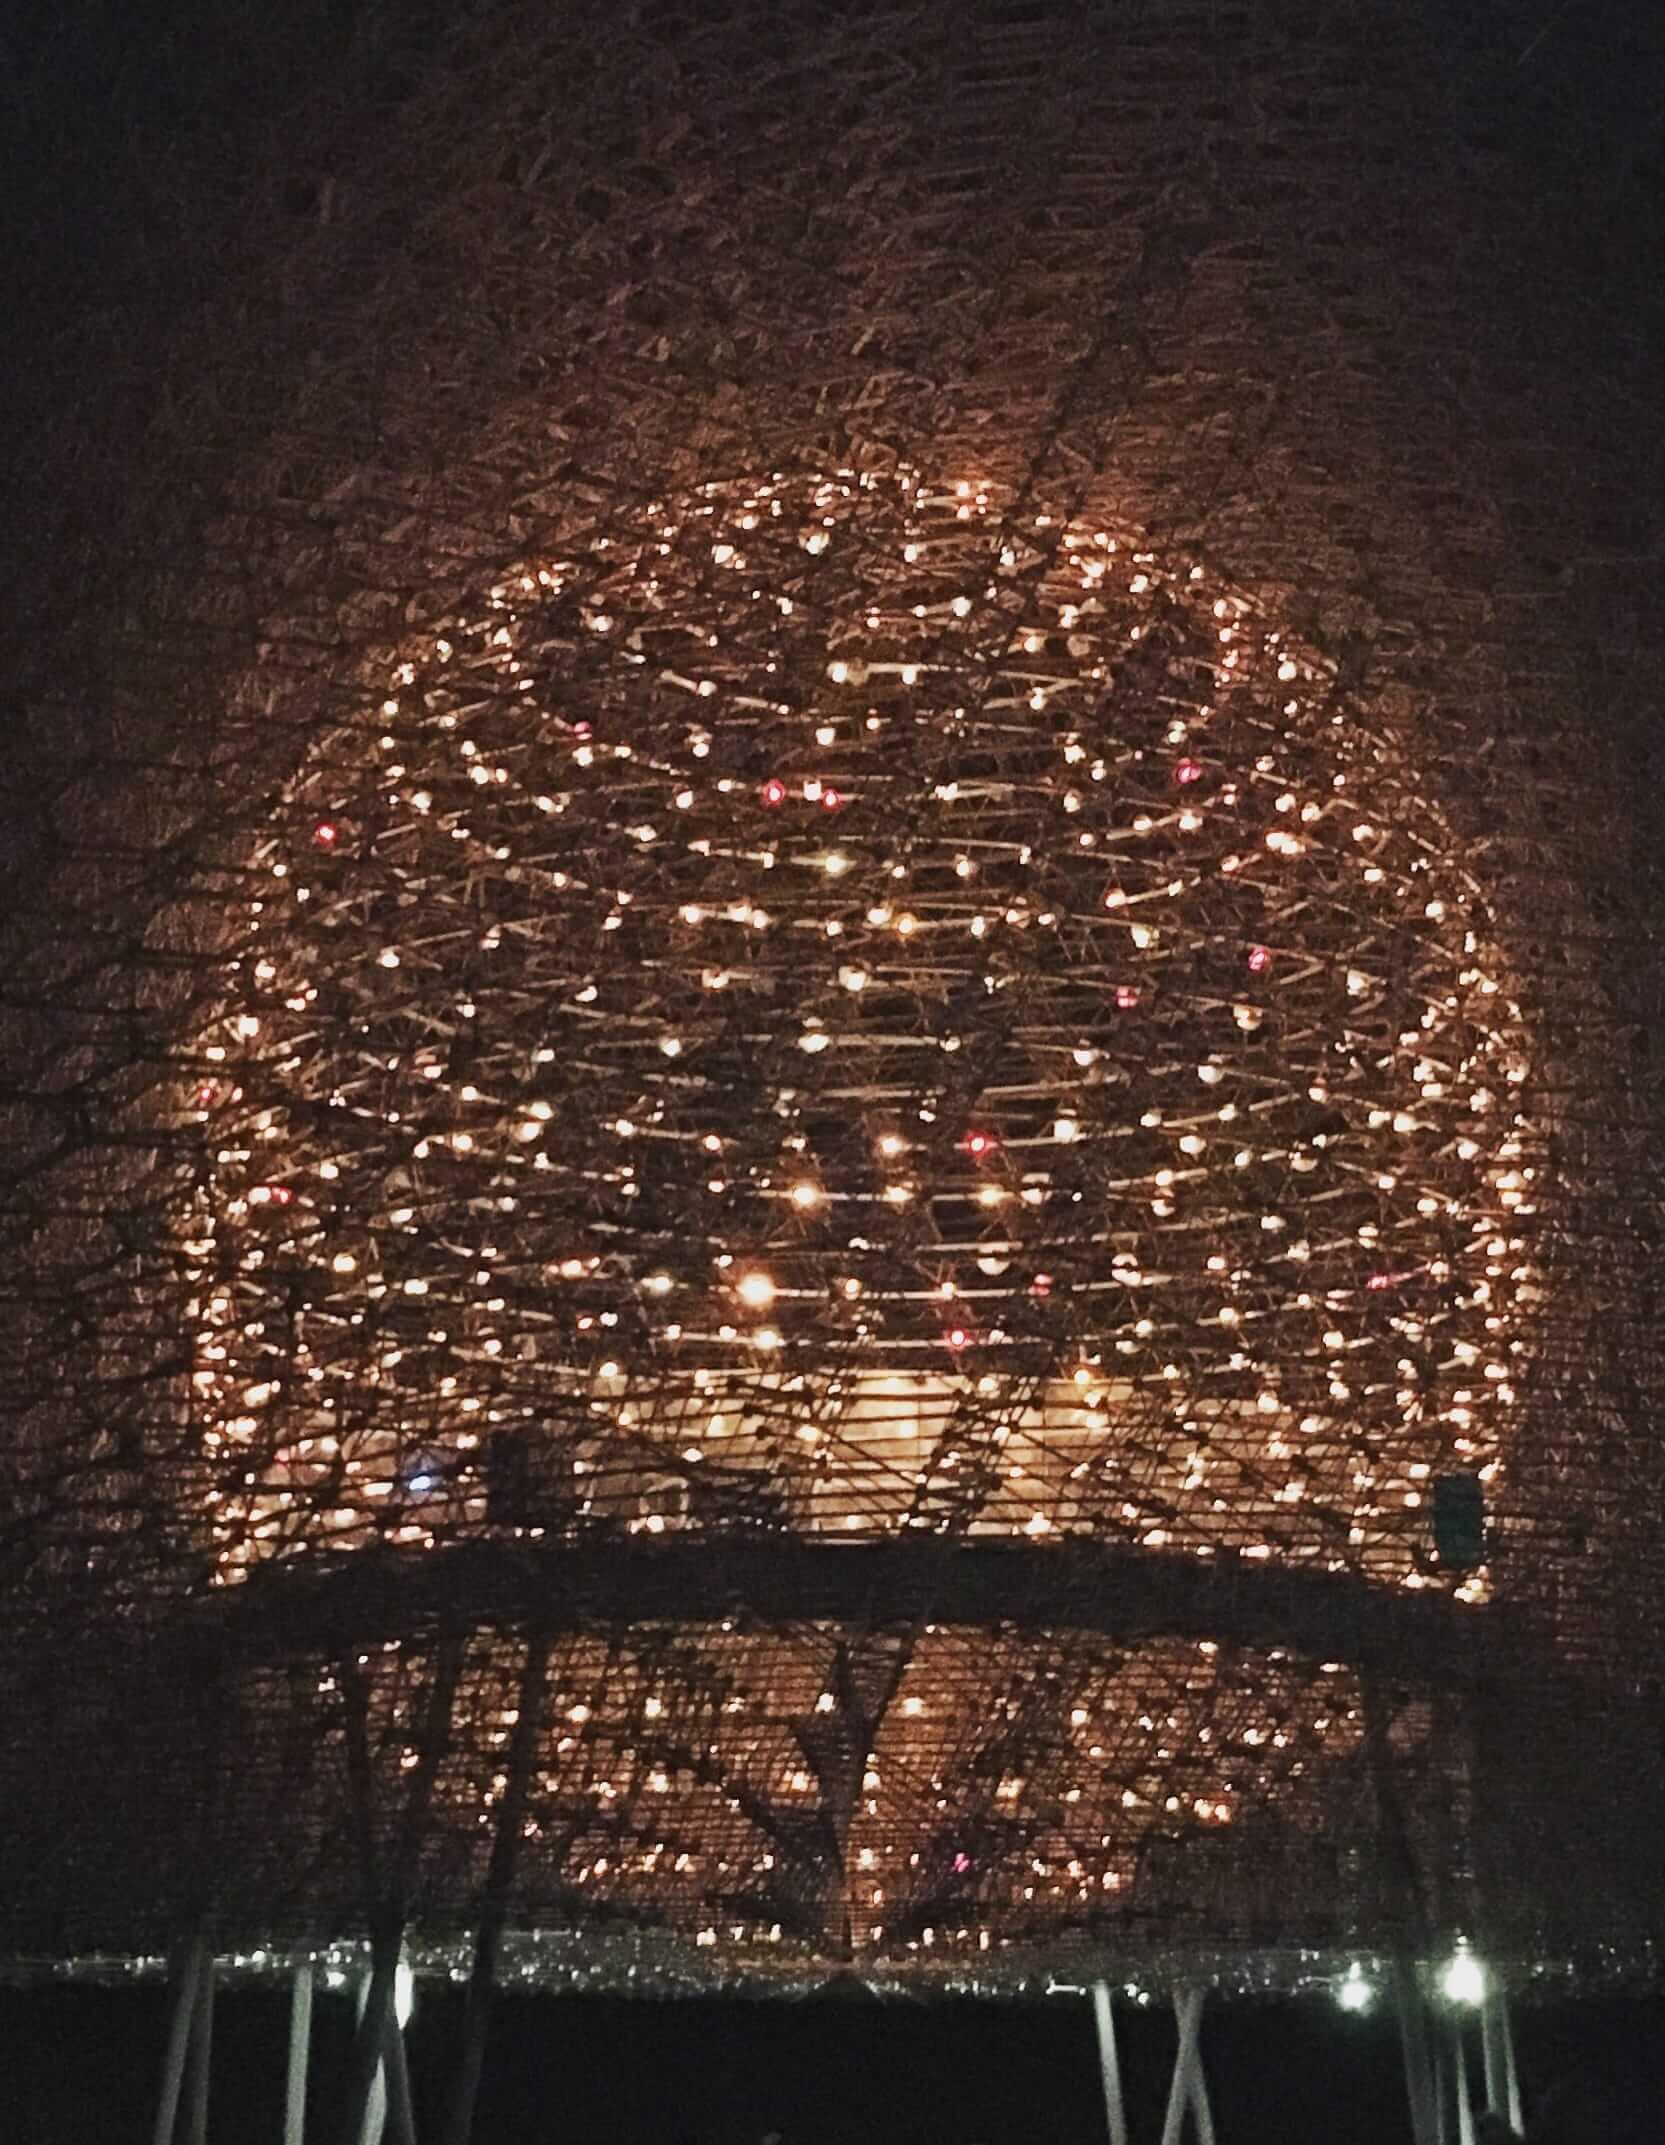 Christmas: The Hive at Kew